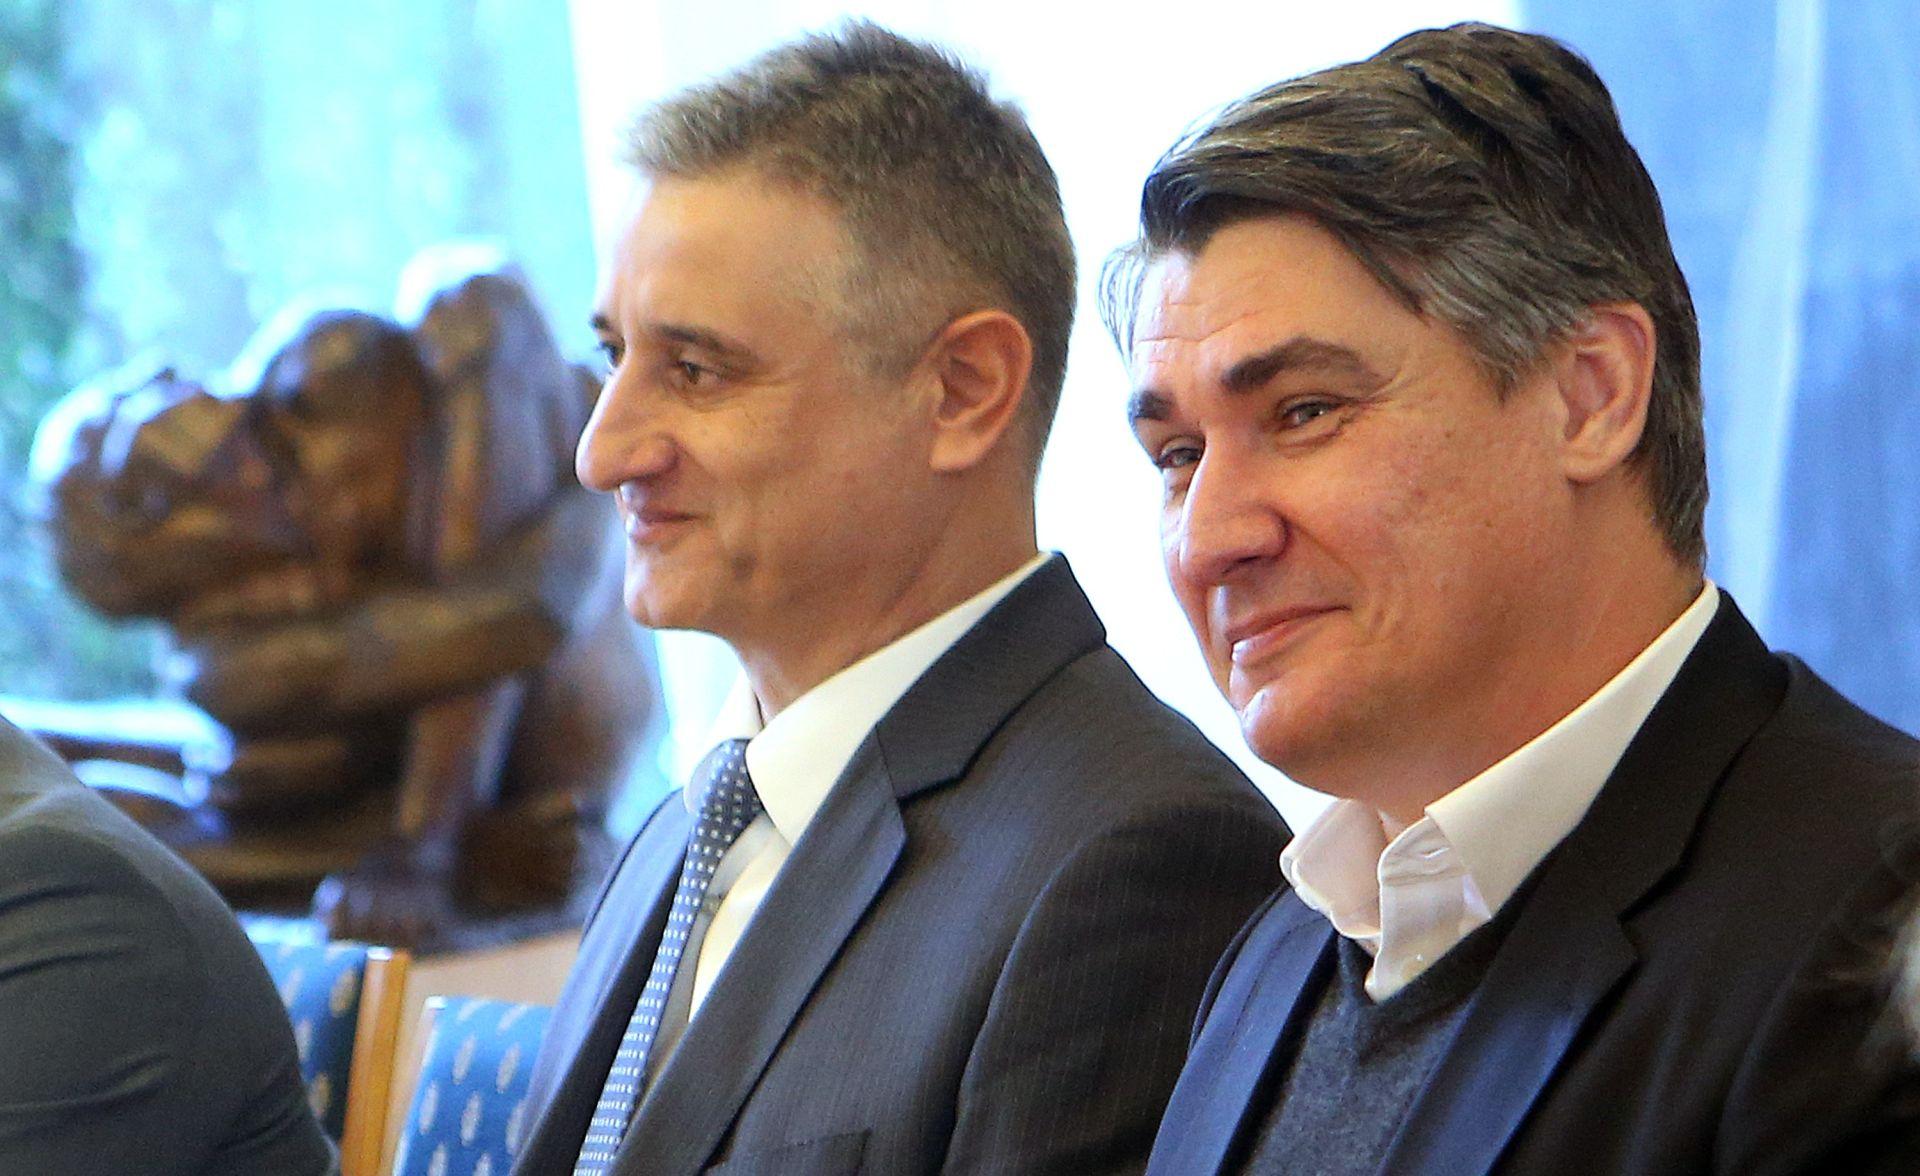 SASTANAK S PREDSJEDNICOM Milanović: Premijer može biti samo Karamarko ili ja – sve ostalo je prevara